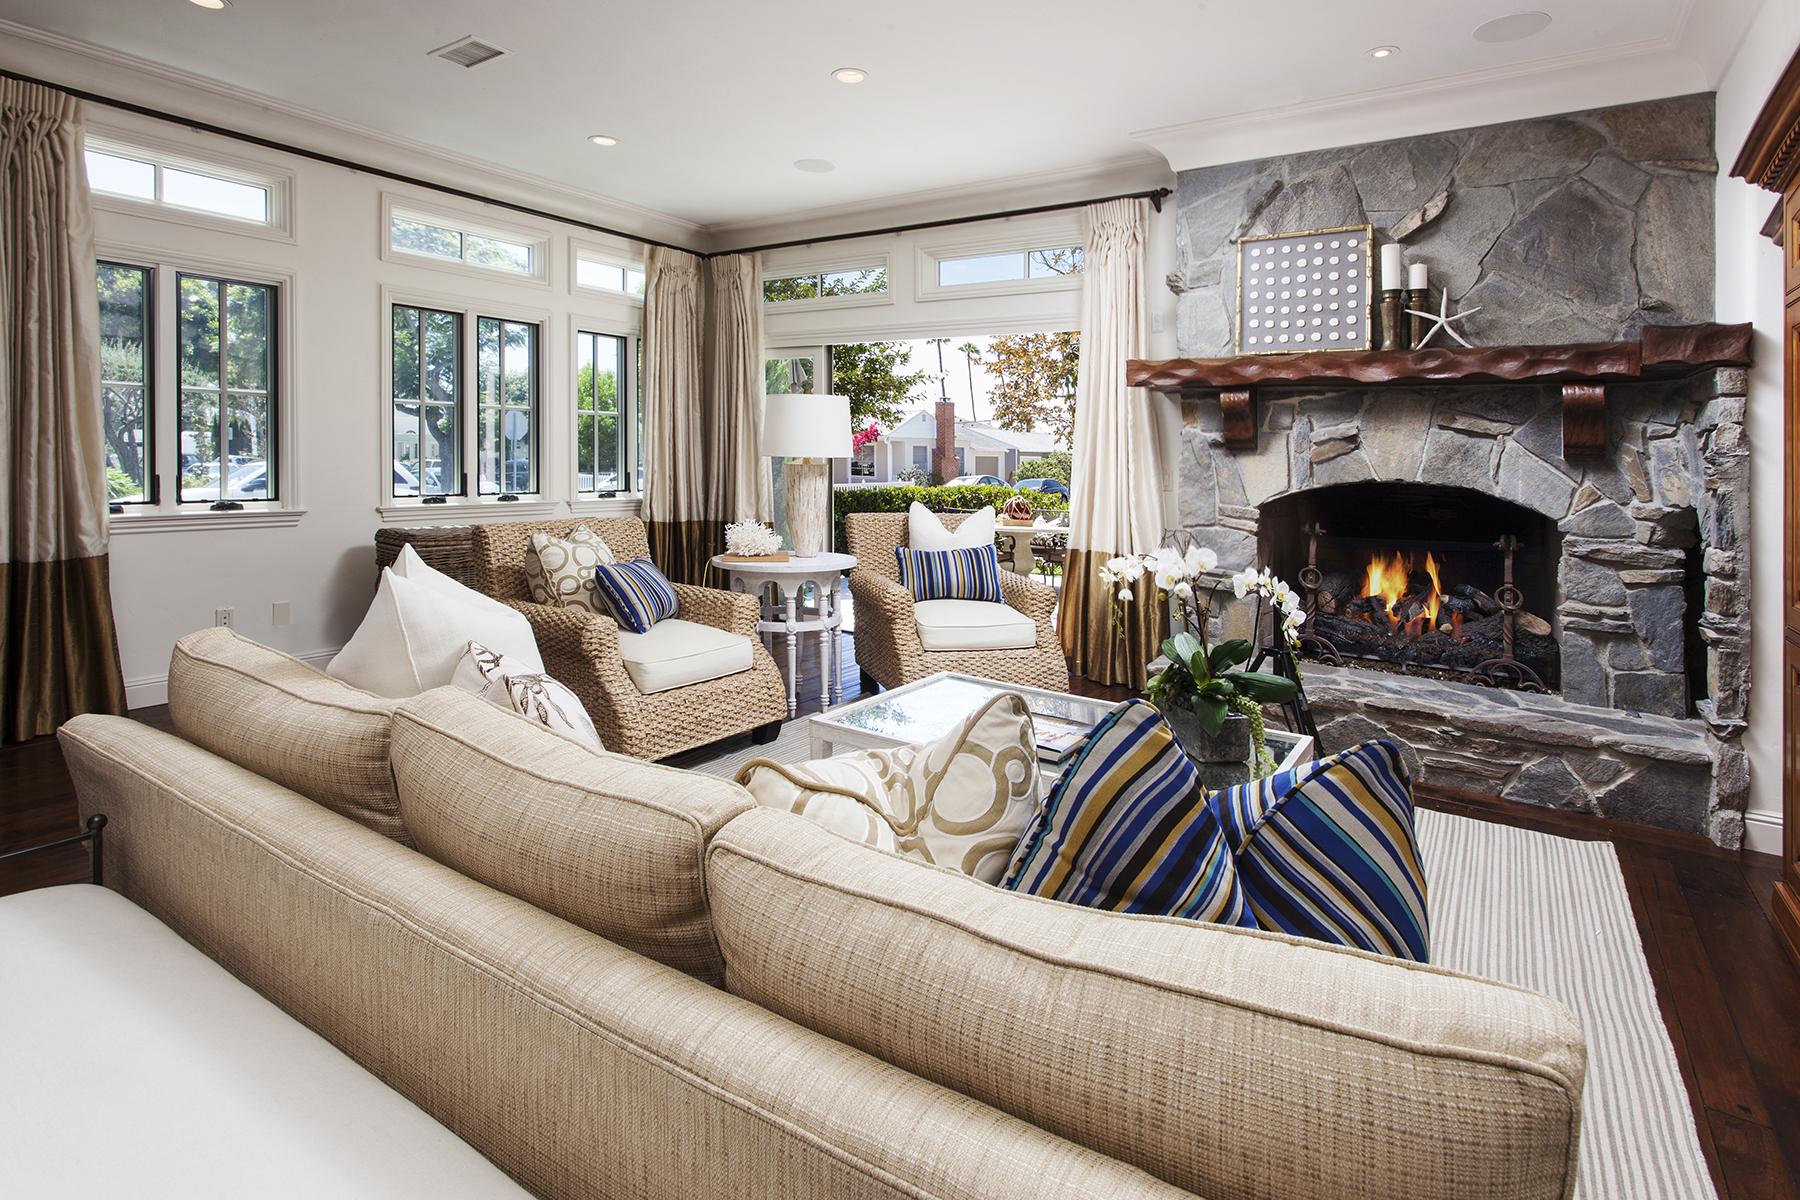 단독 가정 주택 용 매매 에 700 Heliotrope Ave Corona Del Mar, 캘리포니아 92625 미국